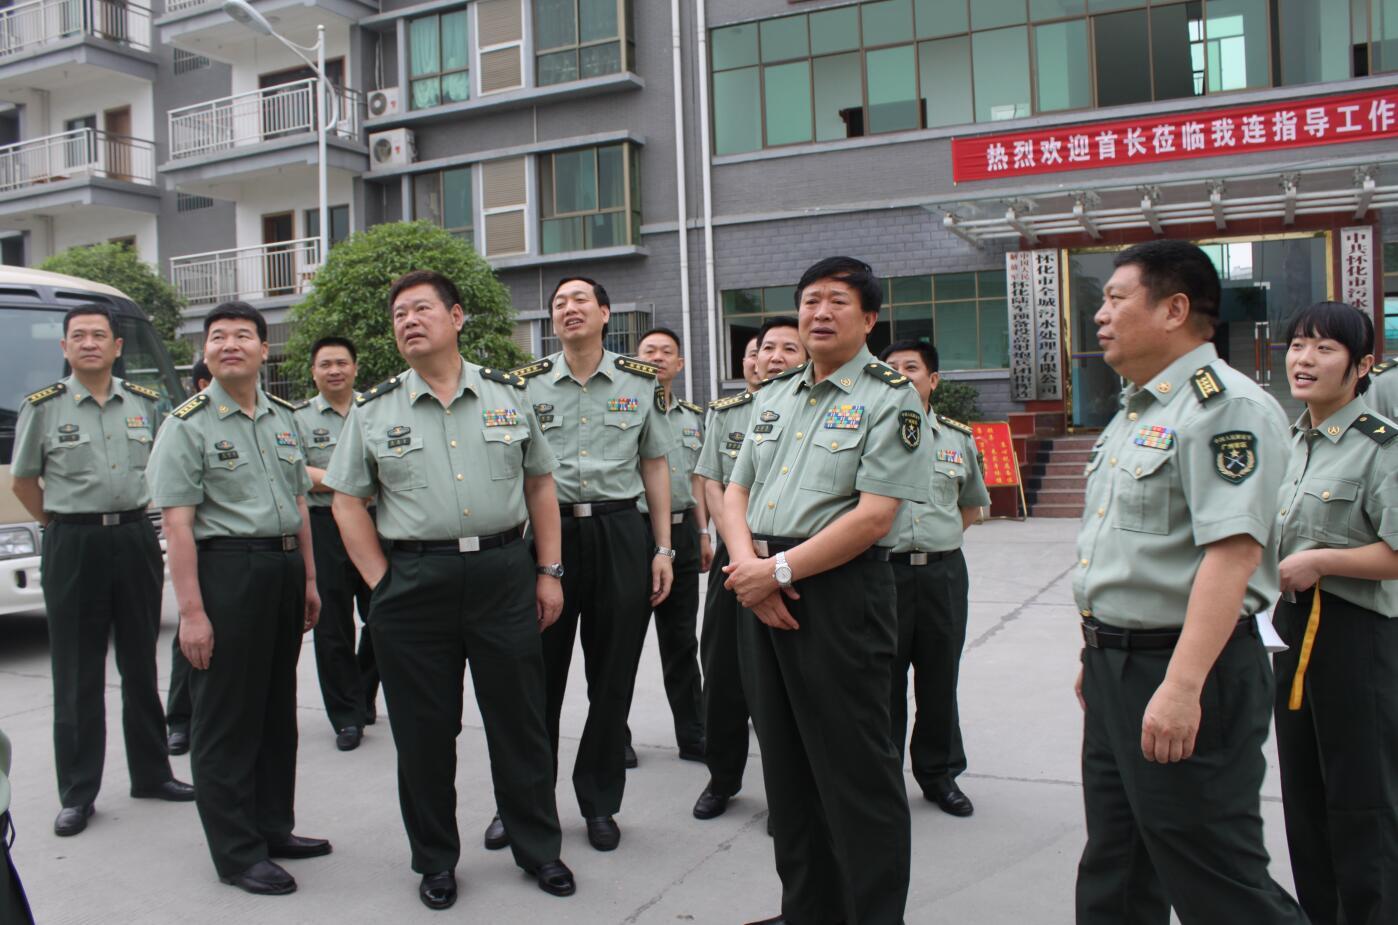 2011年5月,廣州軍區副司令員王治民將軍視察預備役建設.JPG